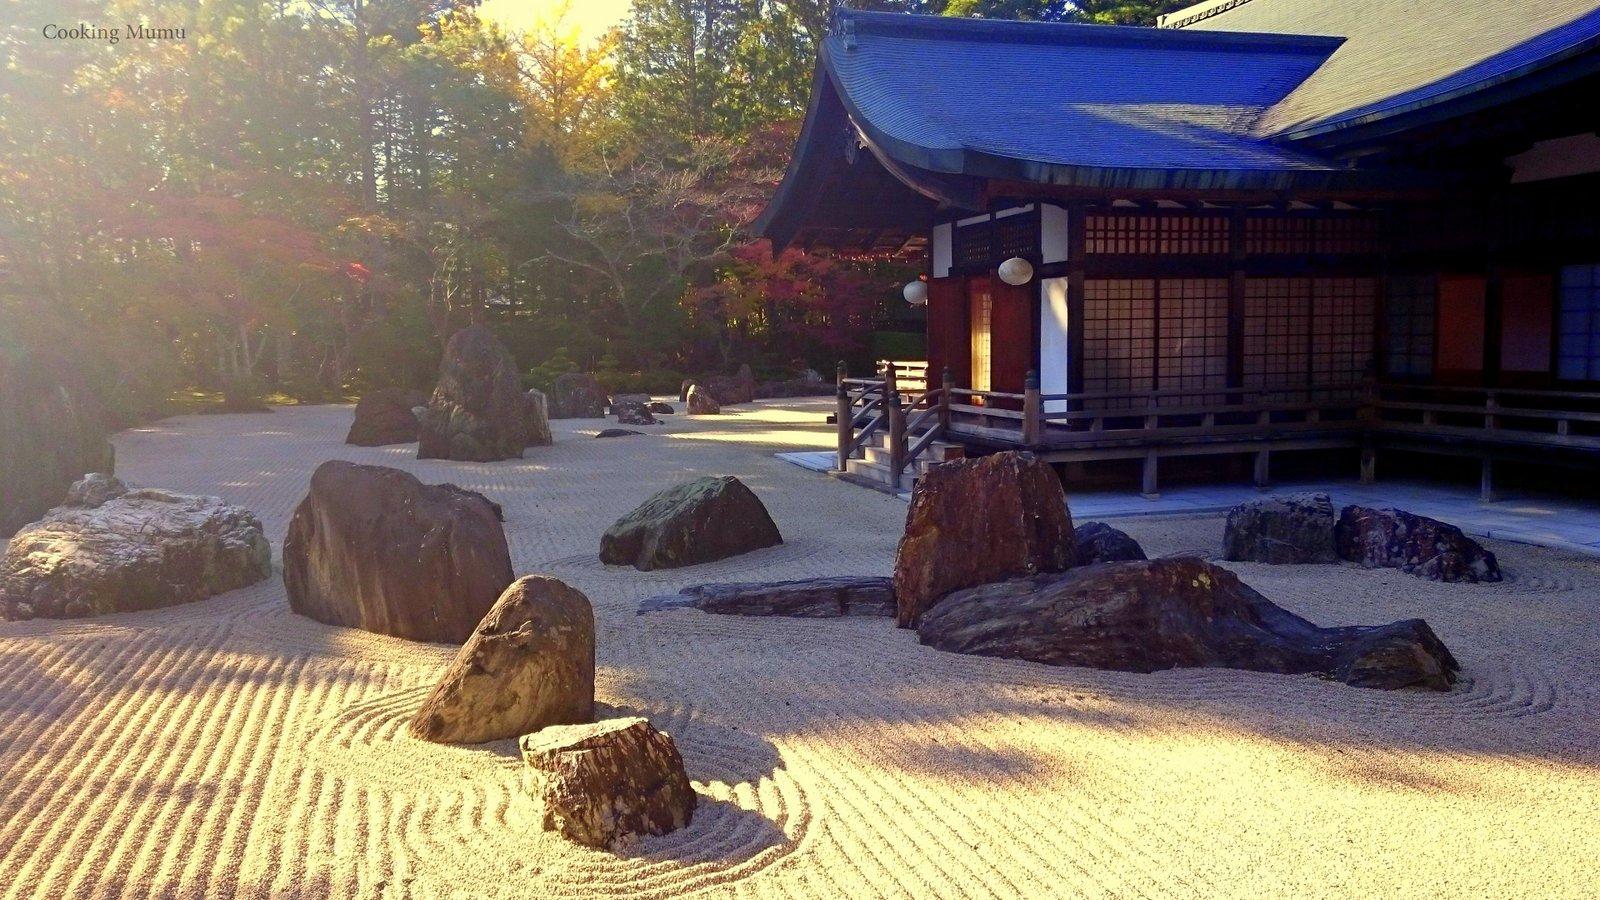 Voyage Au Japon : Koya San | Cooking Mumu pour Jardin Zen Belgique